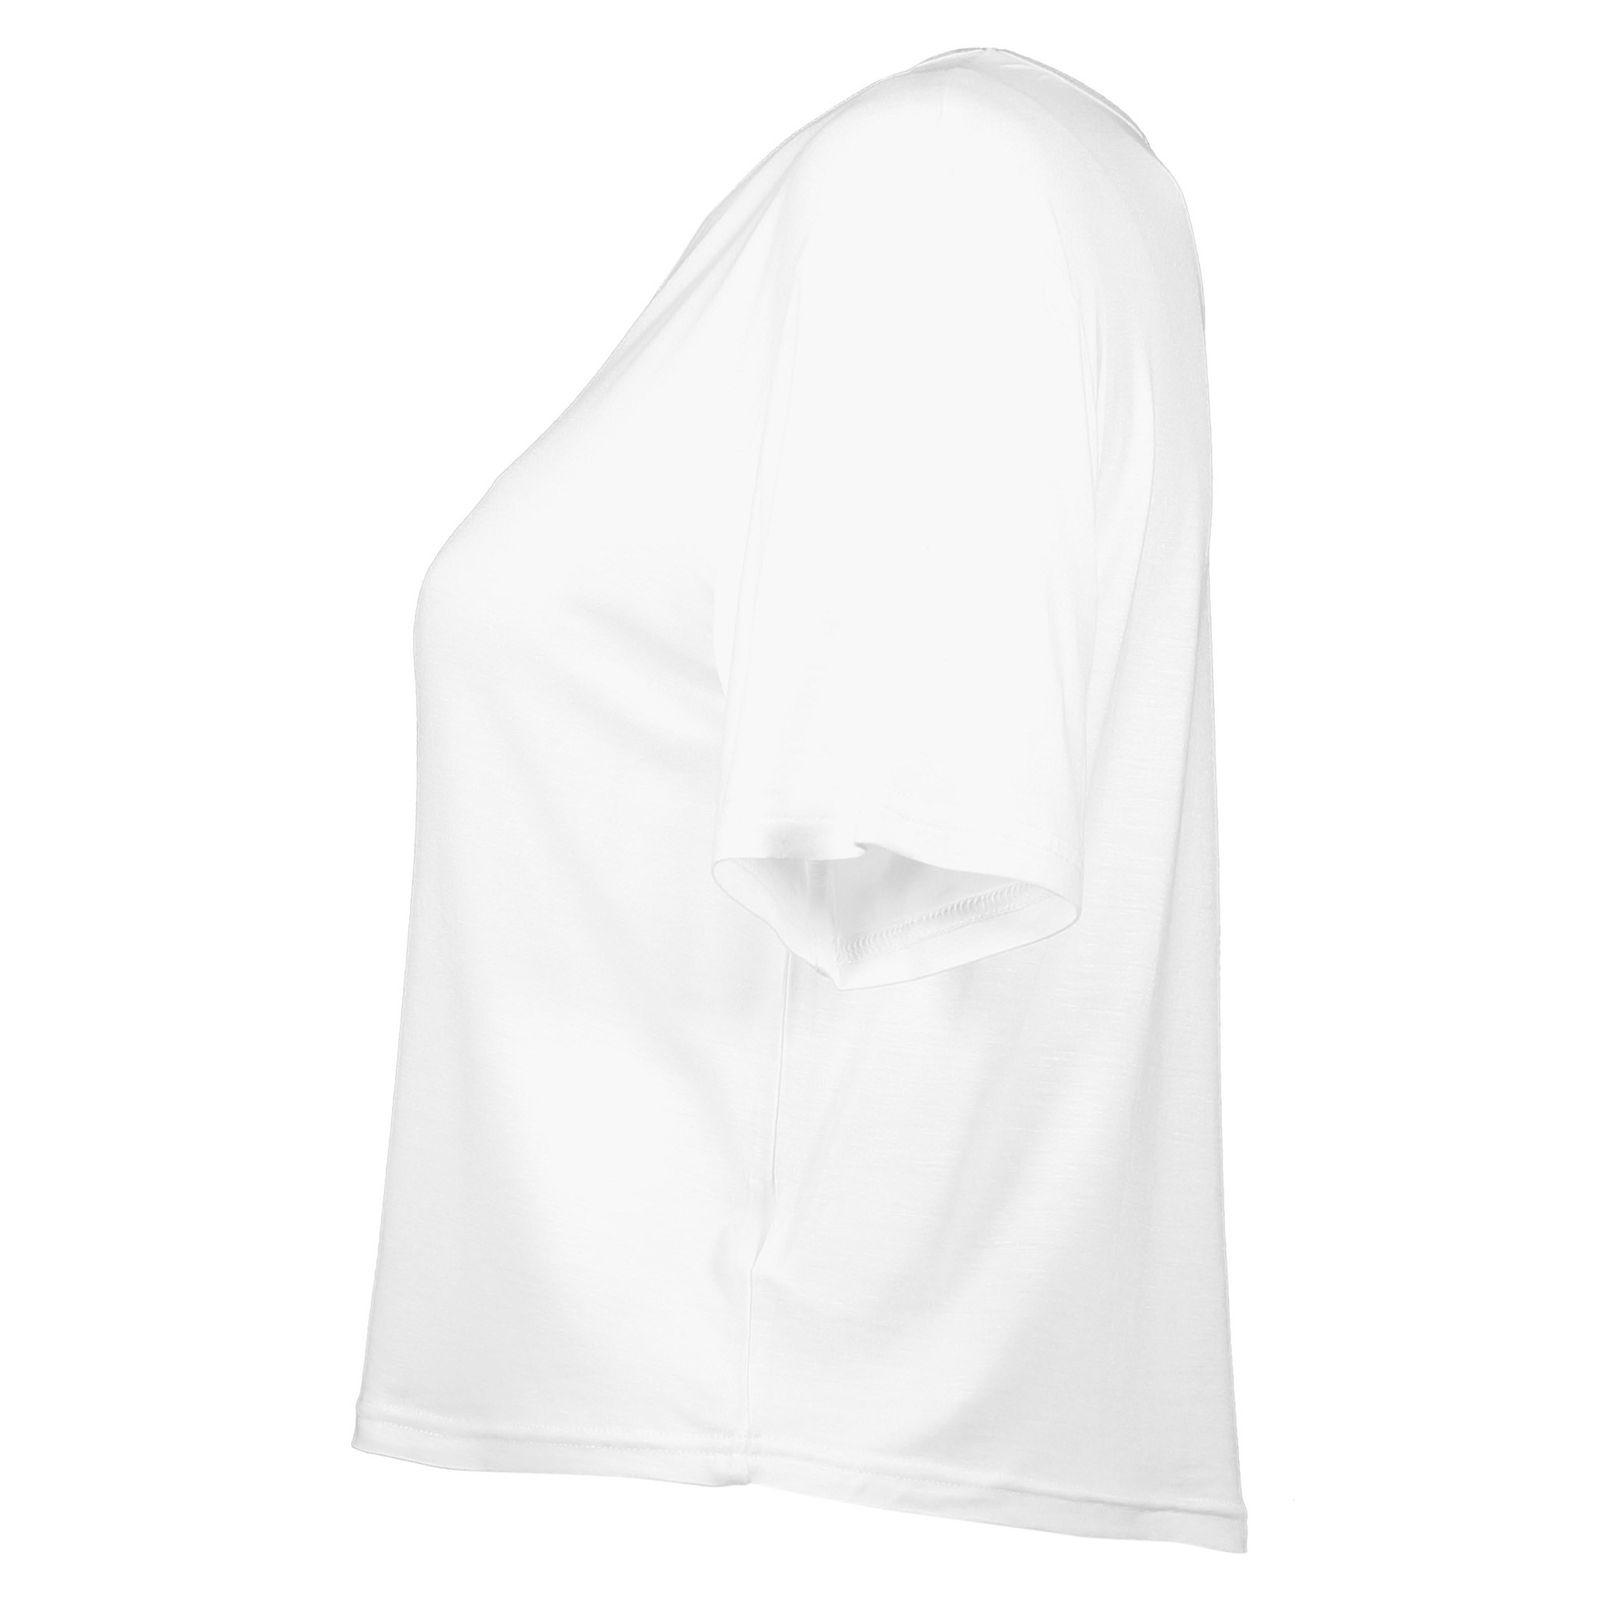 تی شرت ویسکوز آستین کوتاه دخترانه - نیو لوک - سفيد - 3